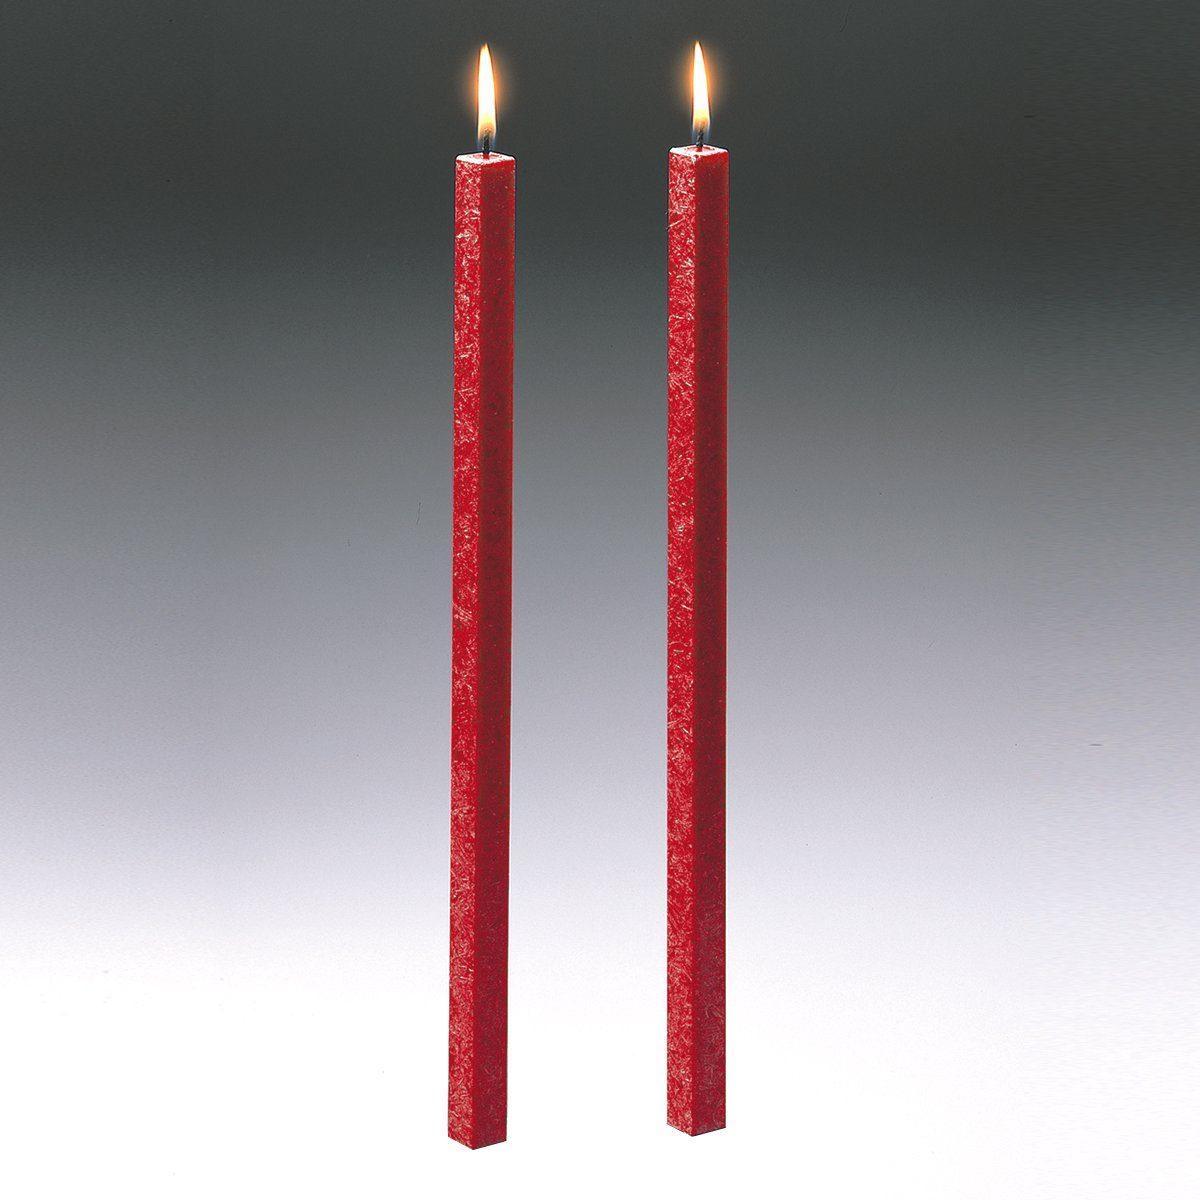 Amabiente Amabiente Kerze CLASSIC feuerrot 40cm - 2er Set